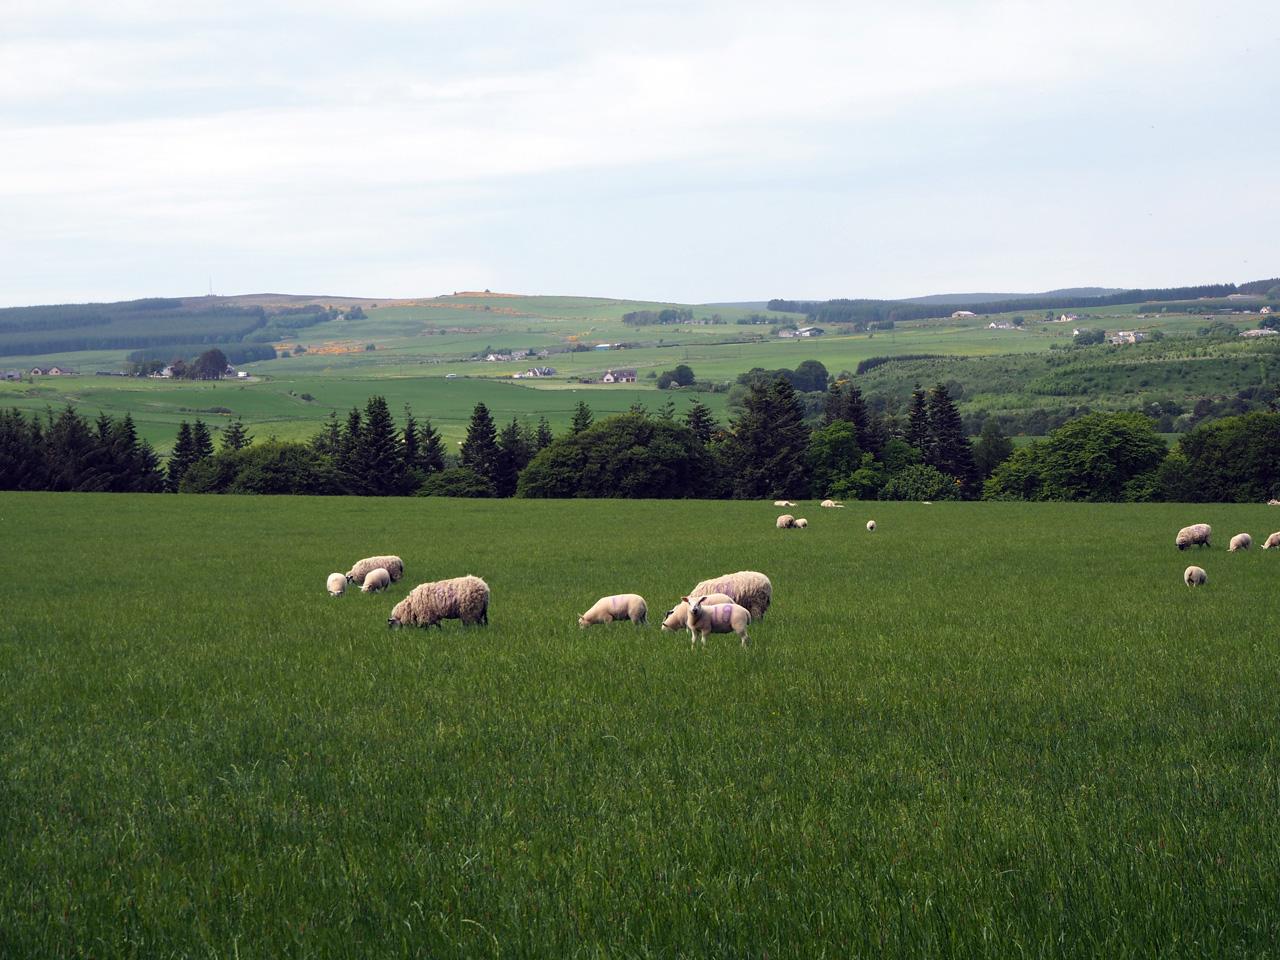 het heuvellandschap rond het Spey dal